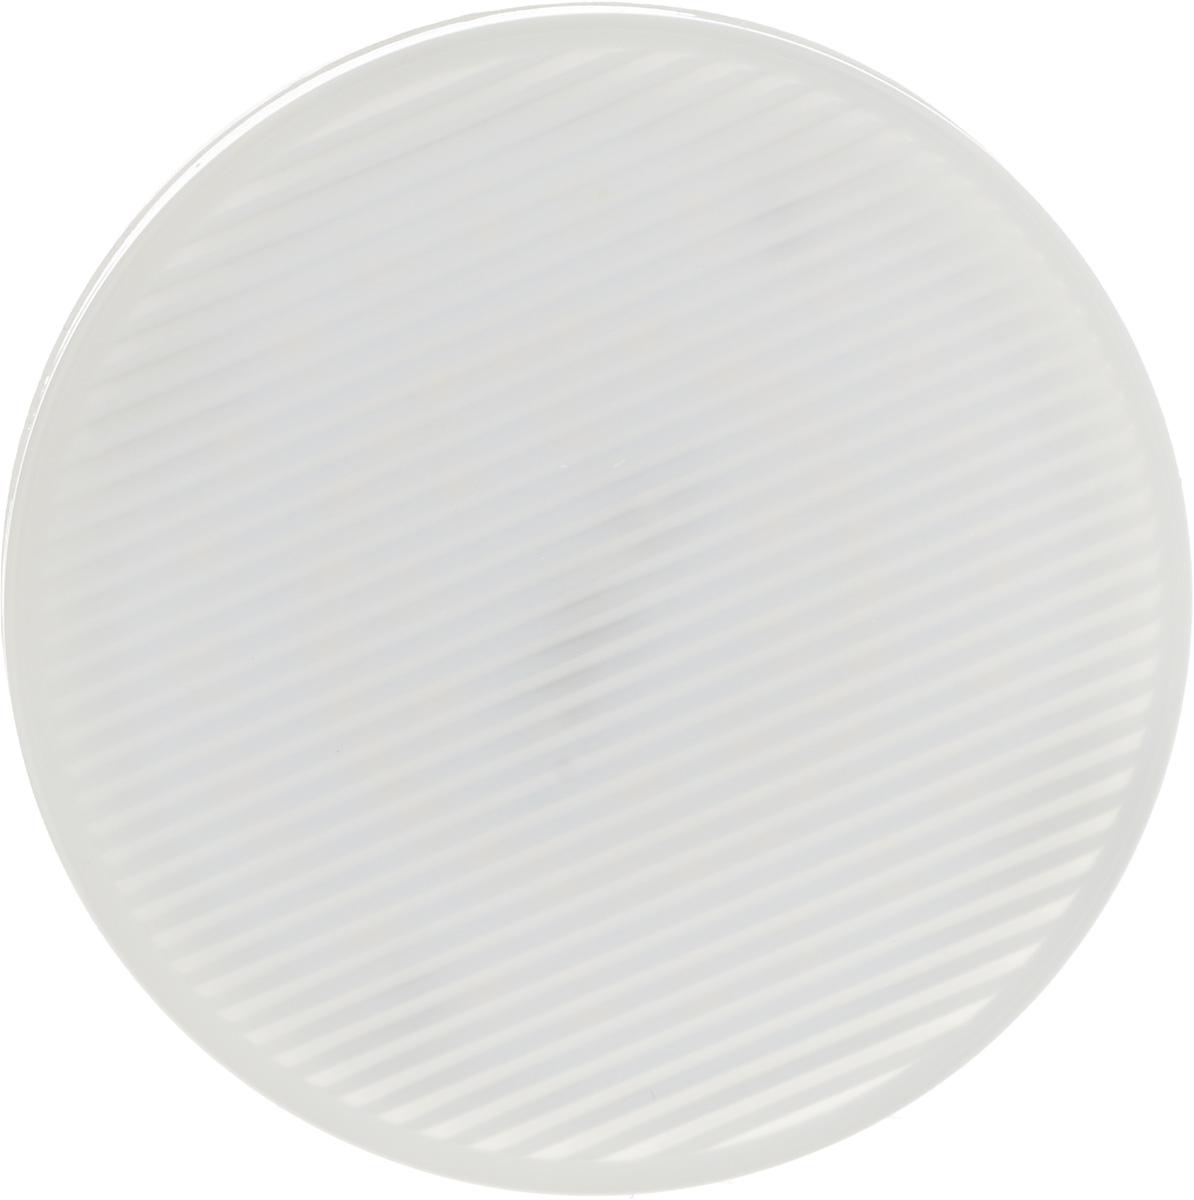 Лампа светодиодная Philips Essential LED, цоколь GX53, 5,5W, 4000KRSP-202SСовременные светодиодные лампы Essential LED экономичны, имеют долгий срок службы и мгновенно загораются, заполняя комнату светом. Лампа классической формы и высокой яркости позволяет создать уютную и приятную обстановку в любой комнате вашего дома.Светодиодные лампы потребляют на 86 % меньше электроэнергии, чем обычные лампы накаливания, излучая при этом привычный и приятный свет. Срок службы светодиодной лампы Essential LED составляет до 15 000 часов, что соответствует общему сроку службы пятнадцати ламп накаливания. Благодаря чему менять лампы приходится значительно реже, что сокращает количество отходов.Напряжение: 220-240 В. Световой поток: 560 lm.Эквивалент мощности в ваттах: 40 Вт.